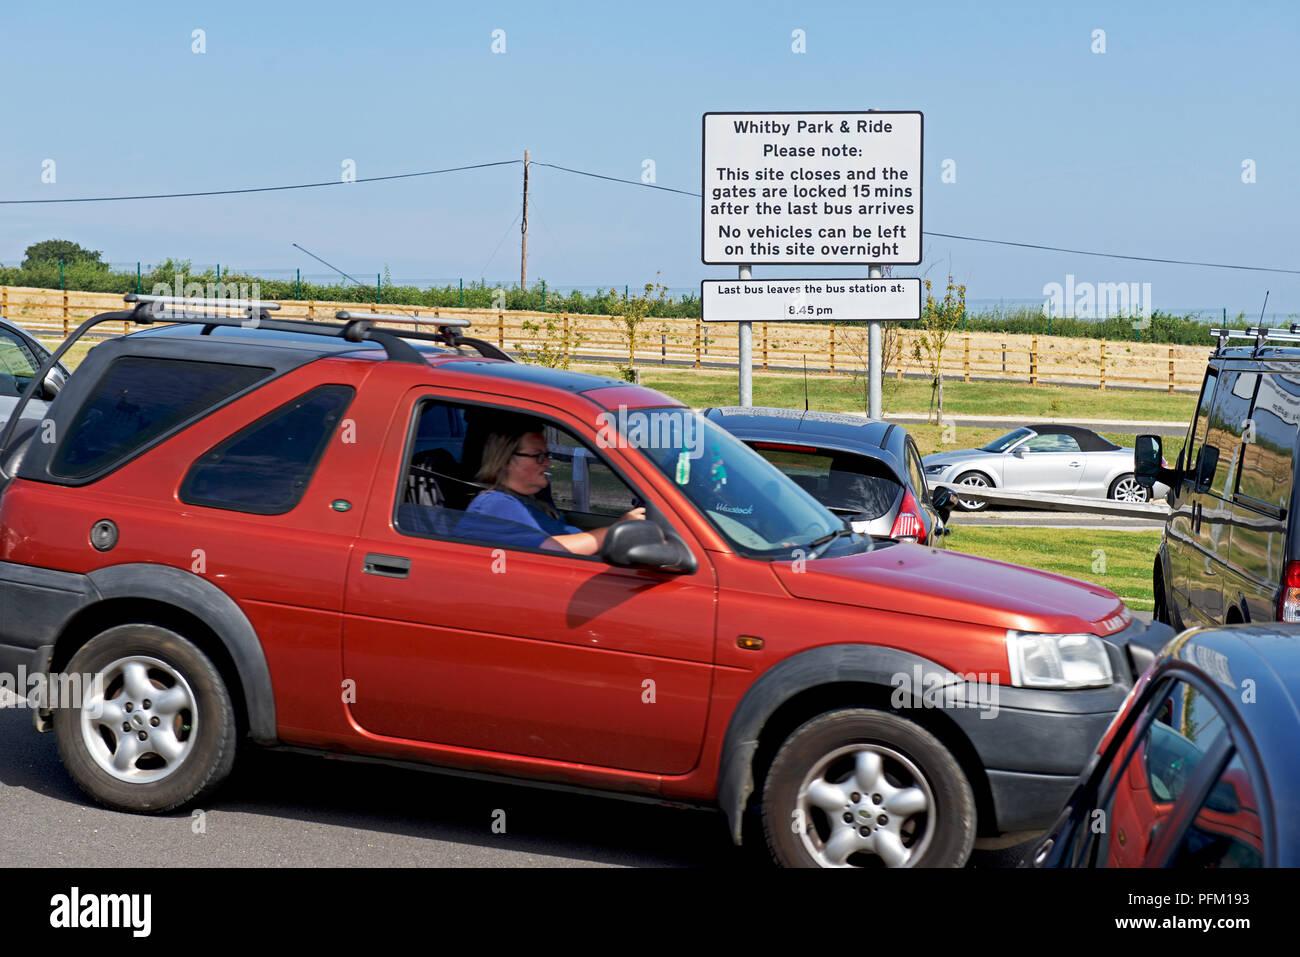 Woman Parking Car Britain Imágenes De Stock   Woman Parking Car ... 6470c8527357f